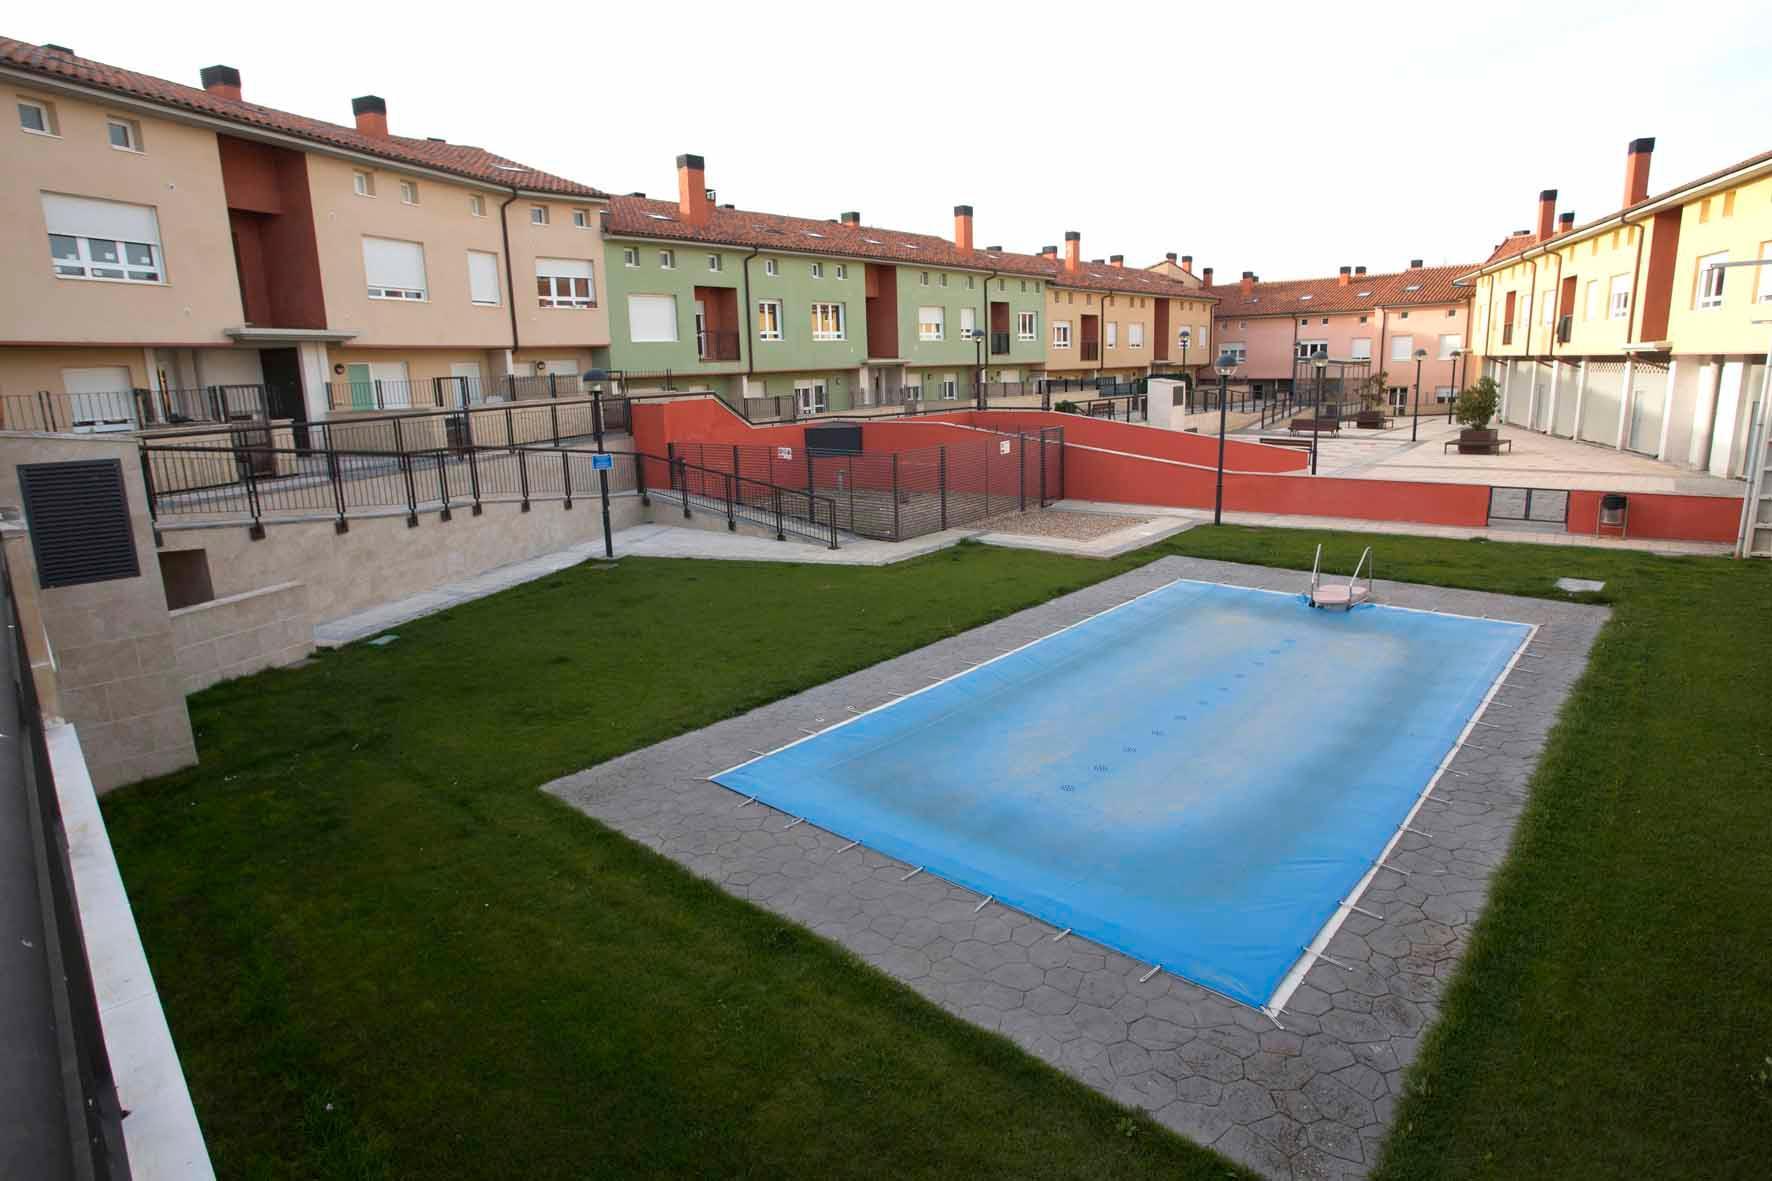 Local en venta en Cogollos, Burgos, Calle Real, 60.300 €, 447 m2